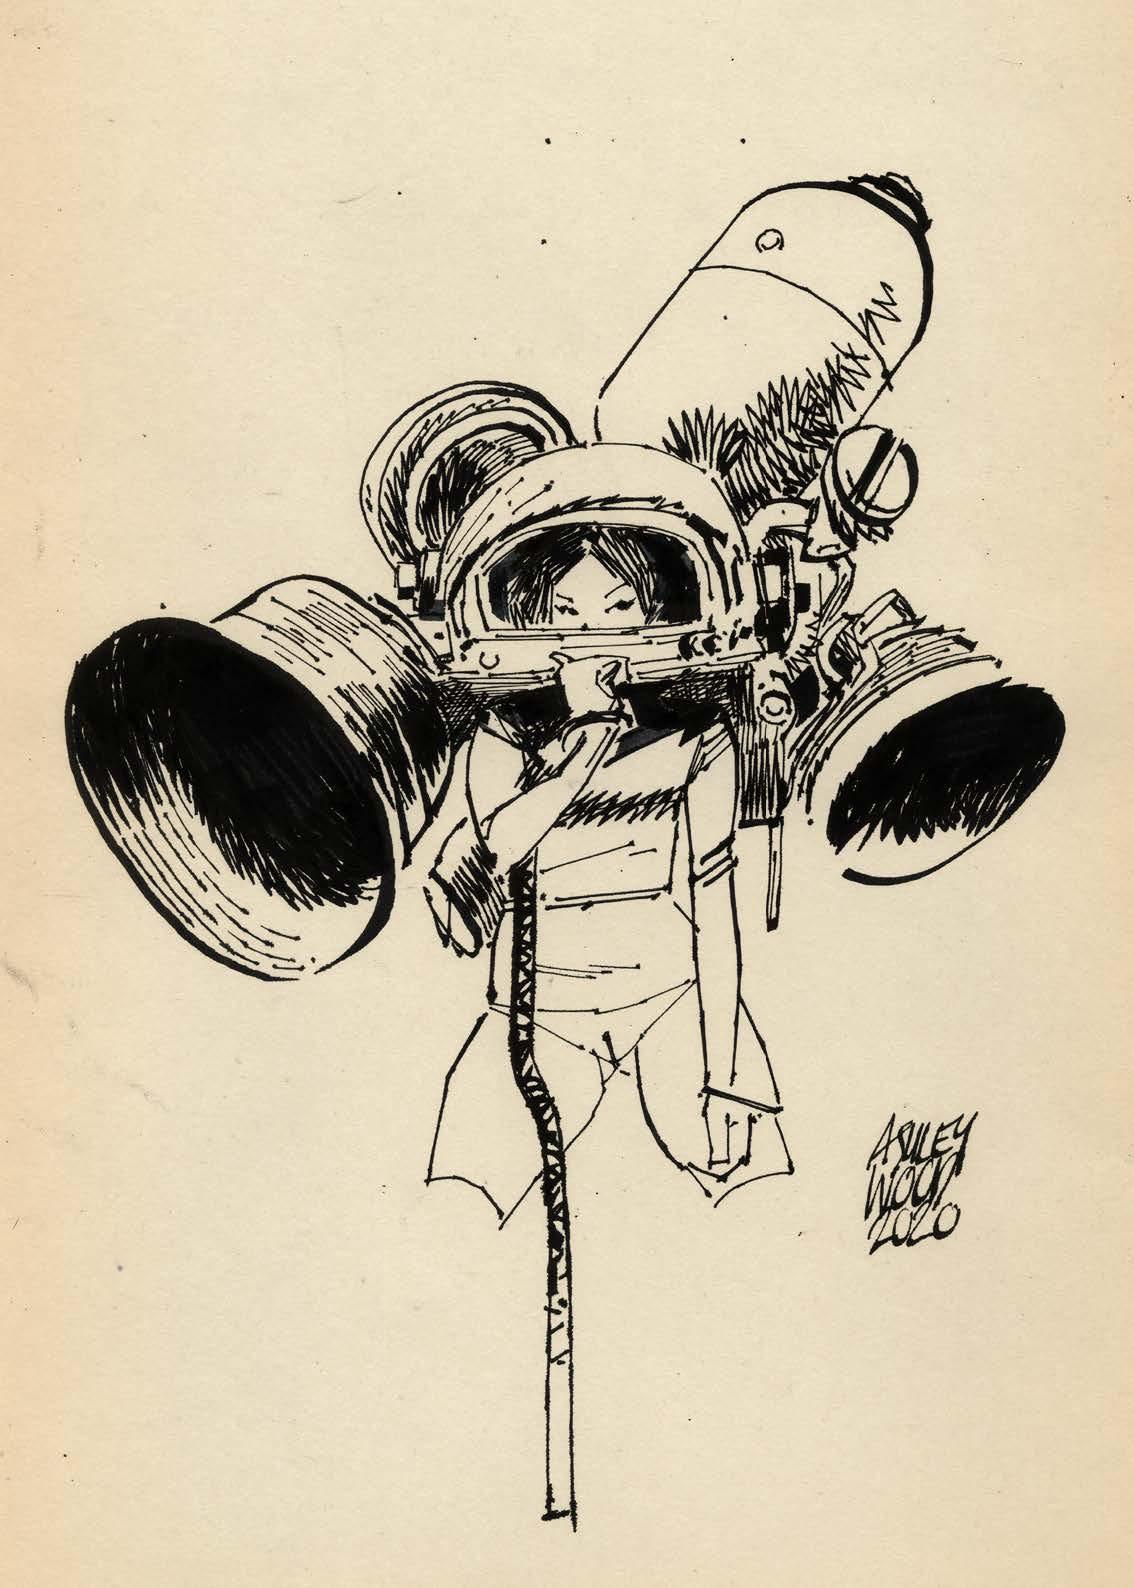 Ashley Wood - AWD XL BLACK - Une femme enfile son casque à propulsion.